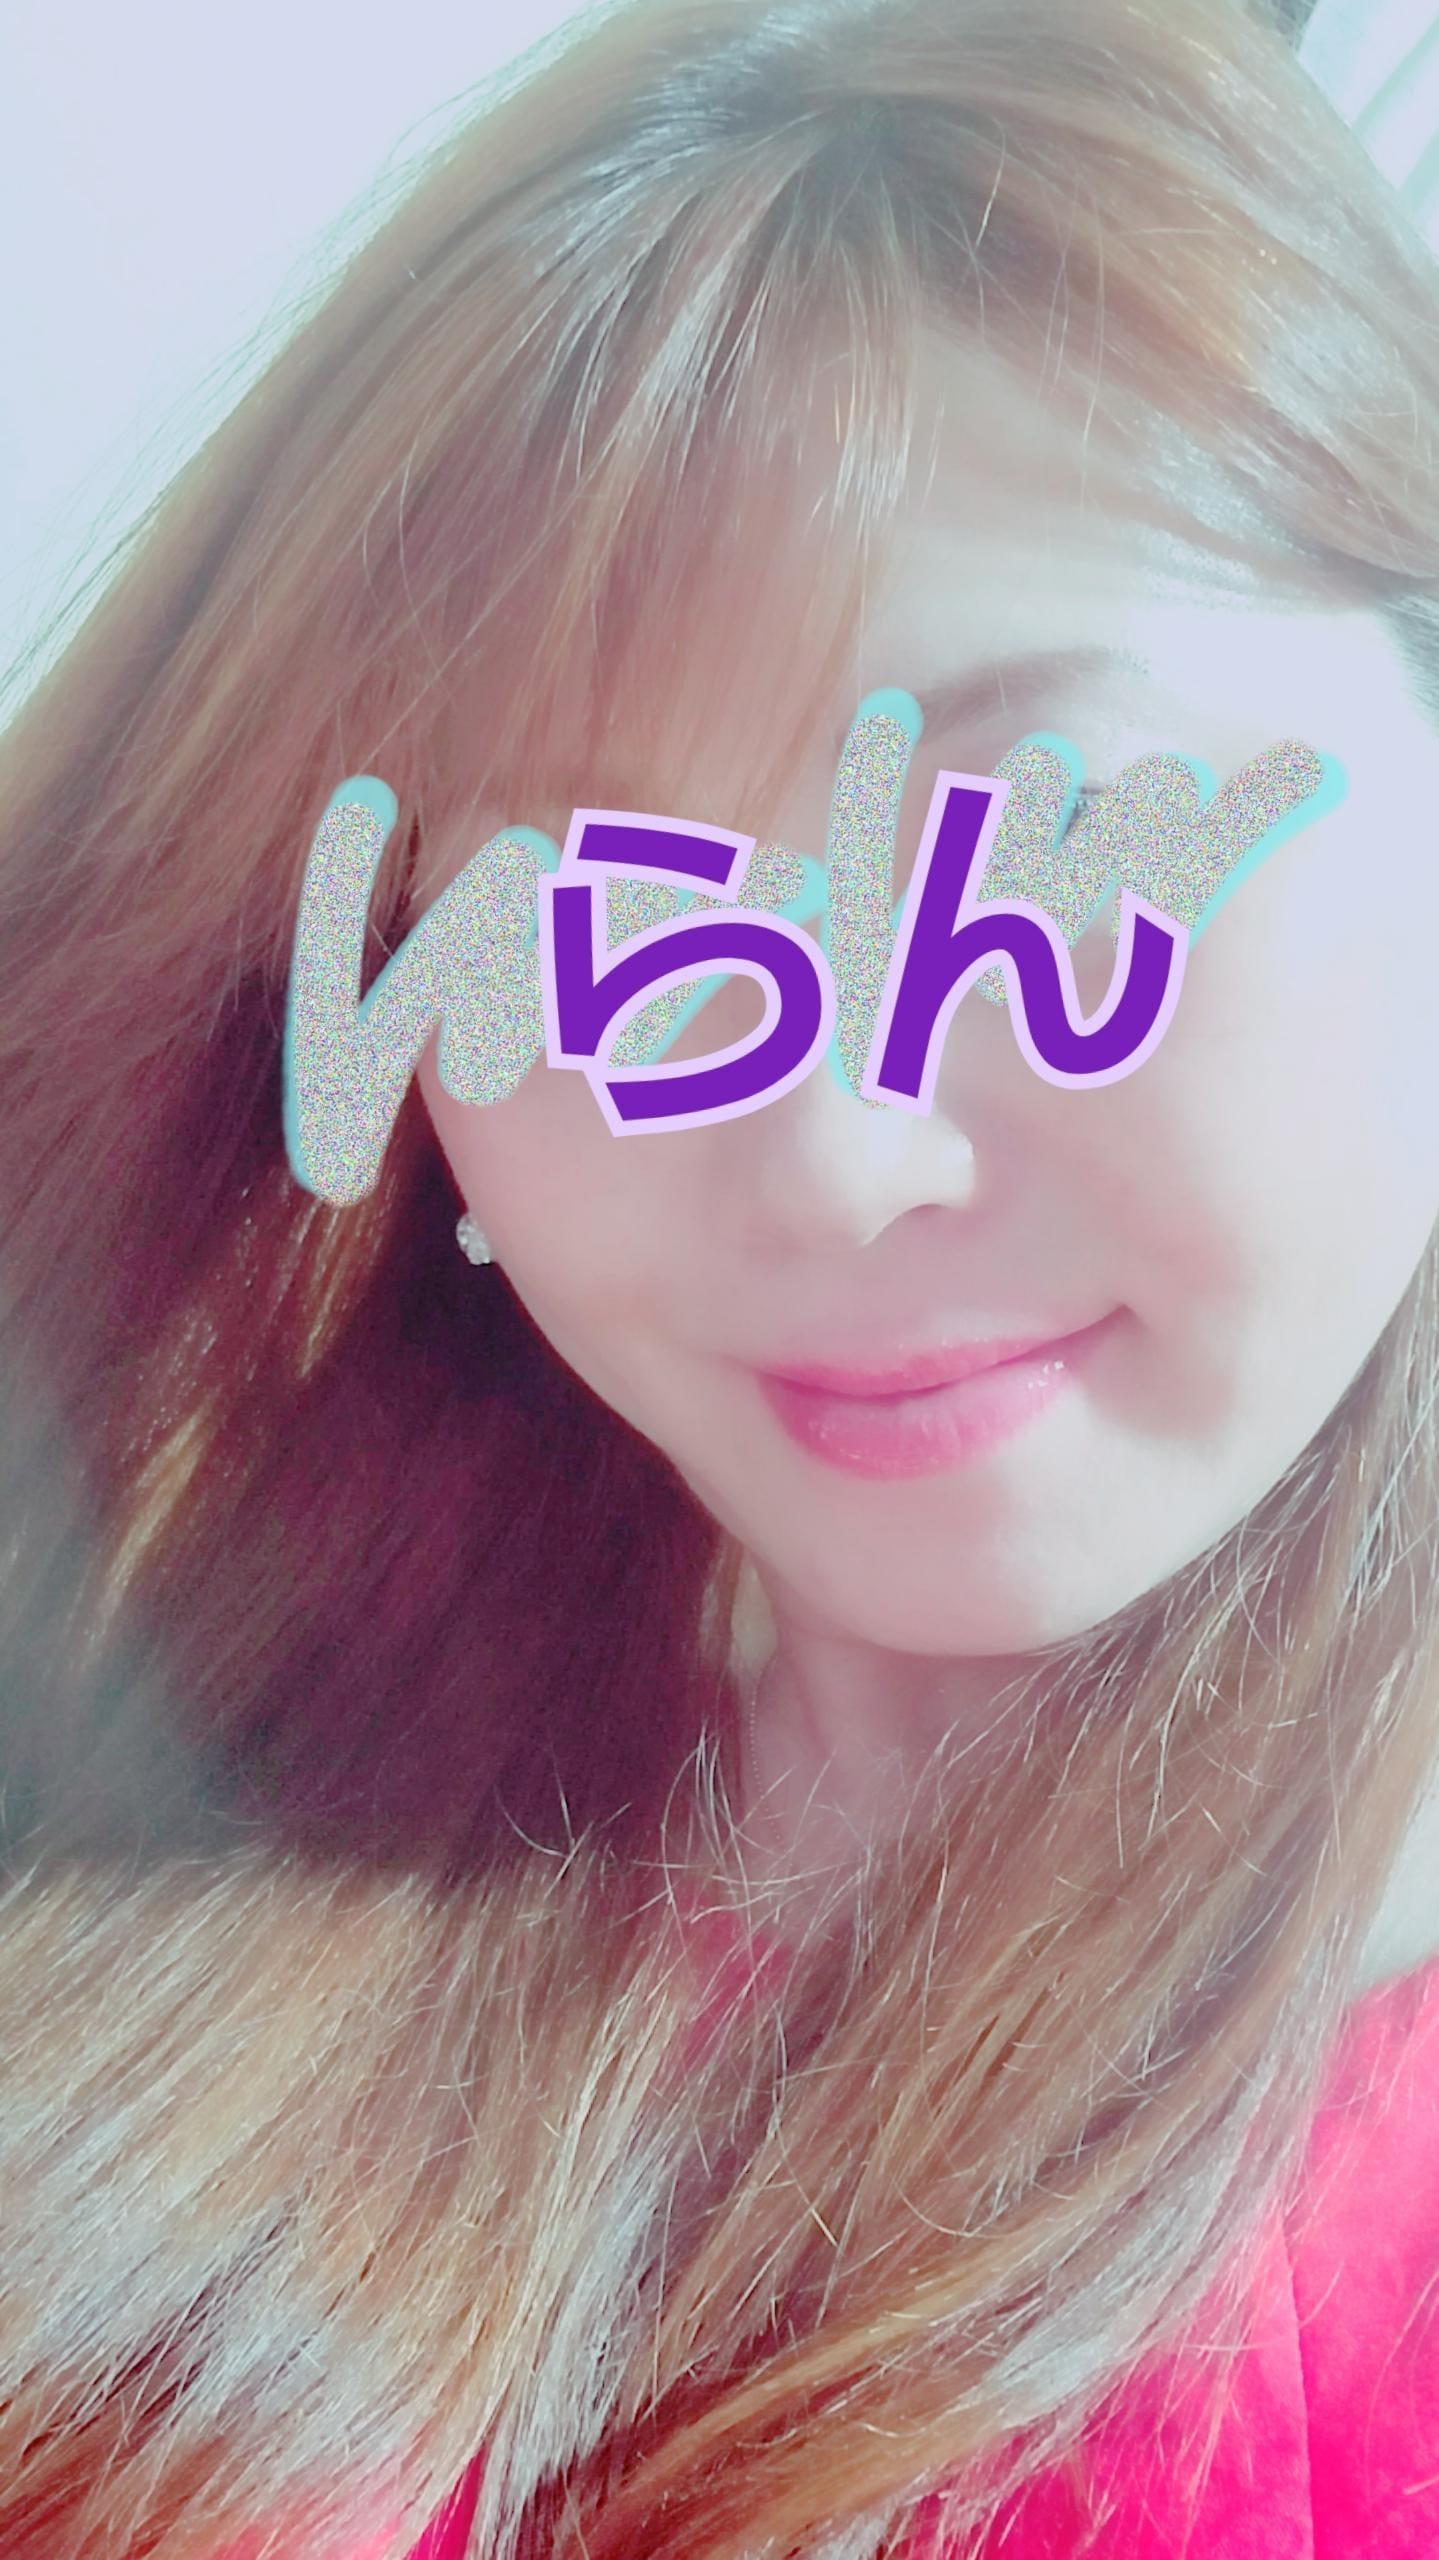 「K様♥昨日のお礼️️」05/26(日) 22:31   ★らん★の写メ・風俗動画